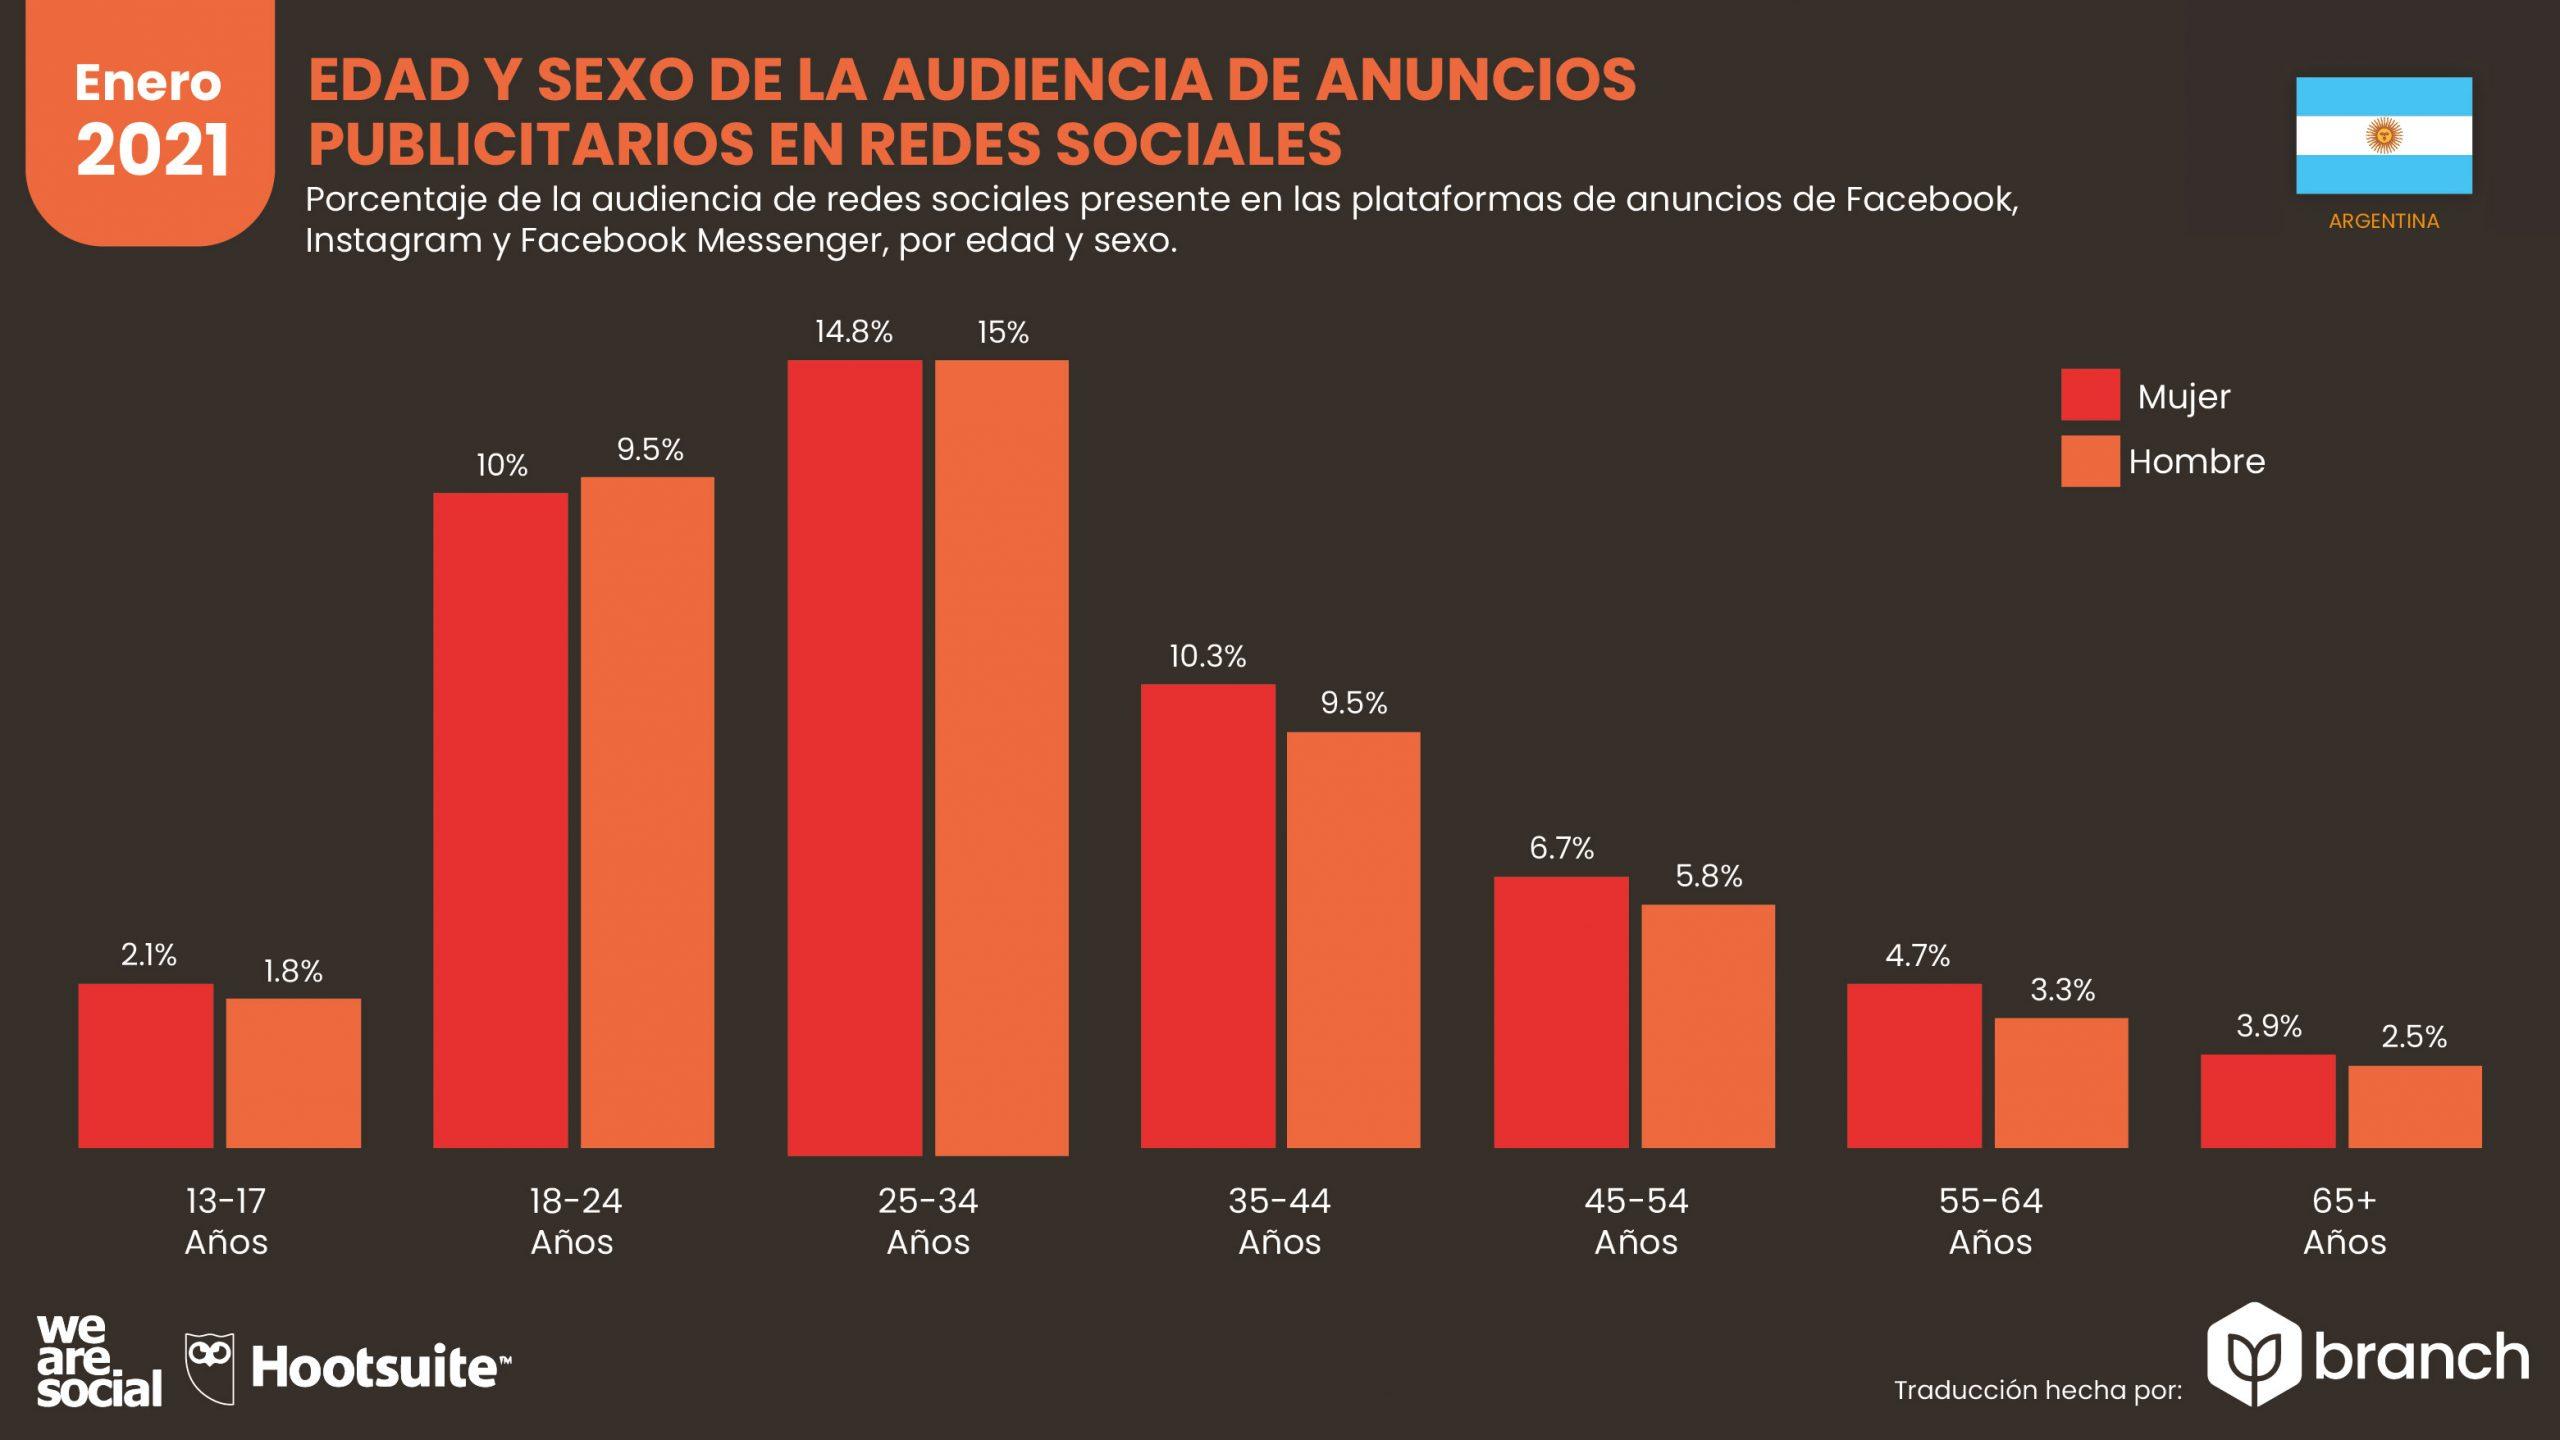 grafico-edad-y-sexo-de-la-audiencia-de-anuncios-publicitarios-argentina-2020-2021